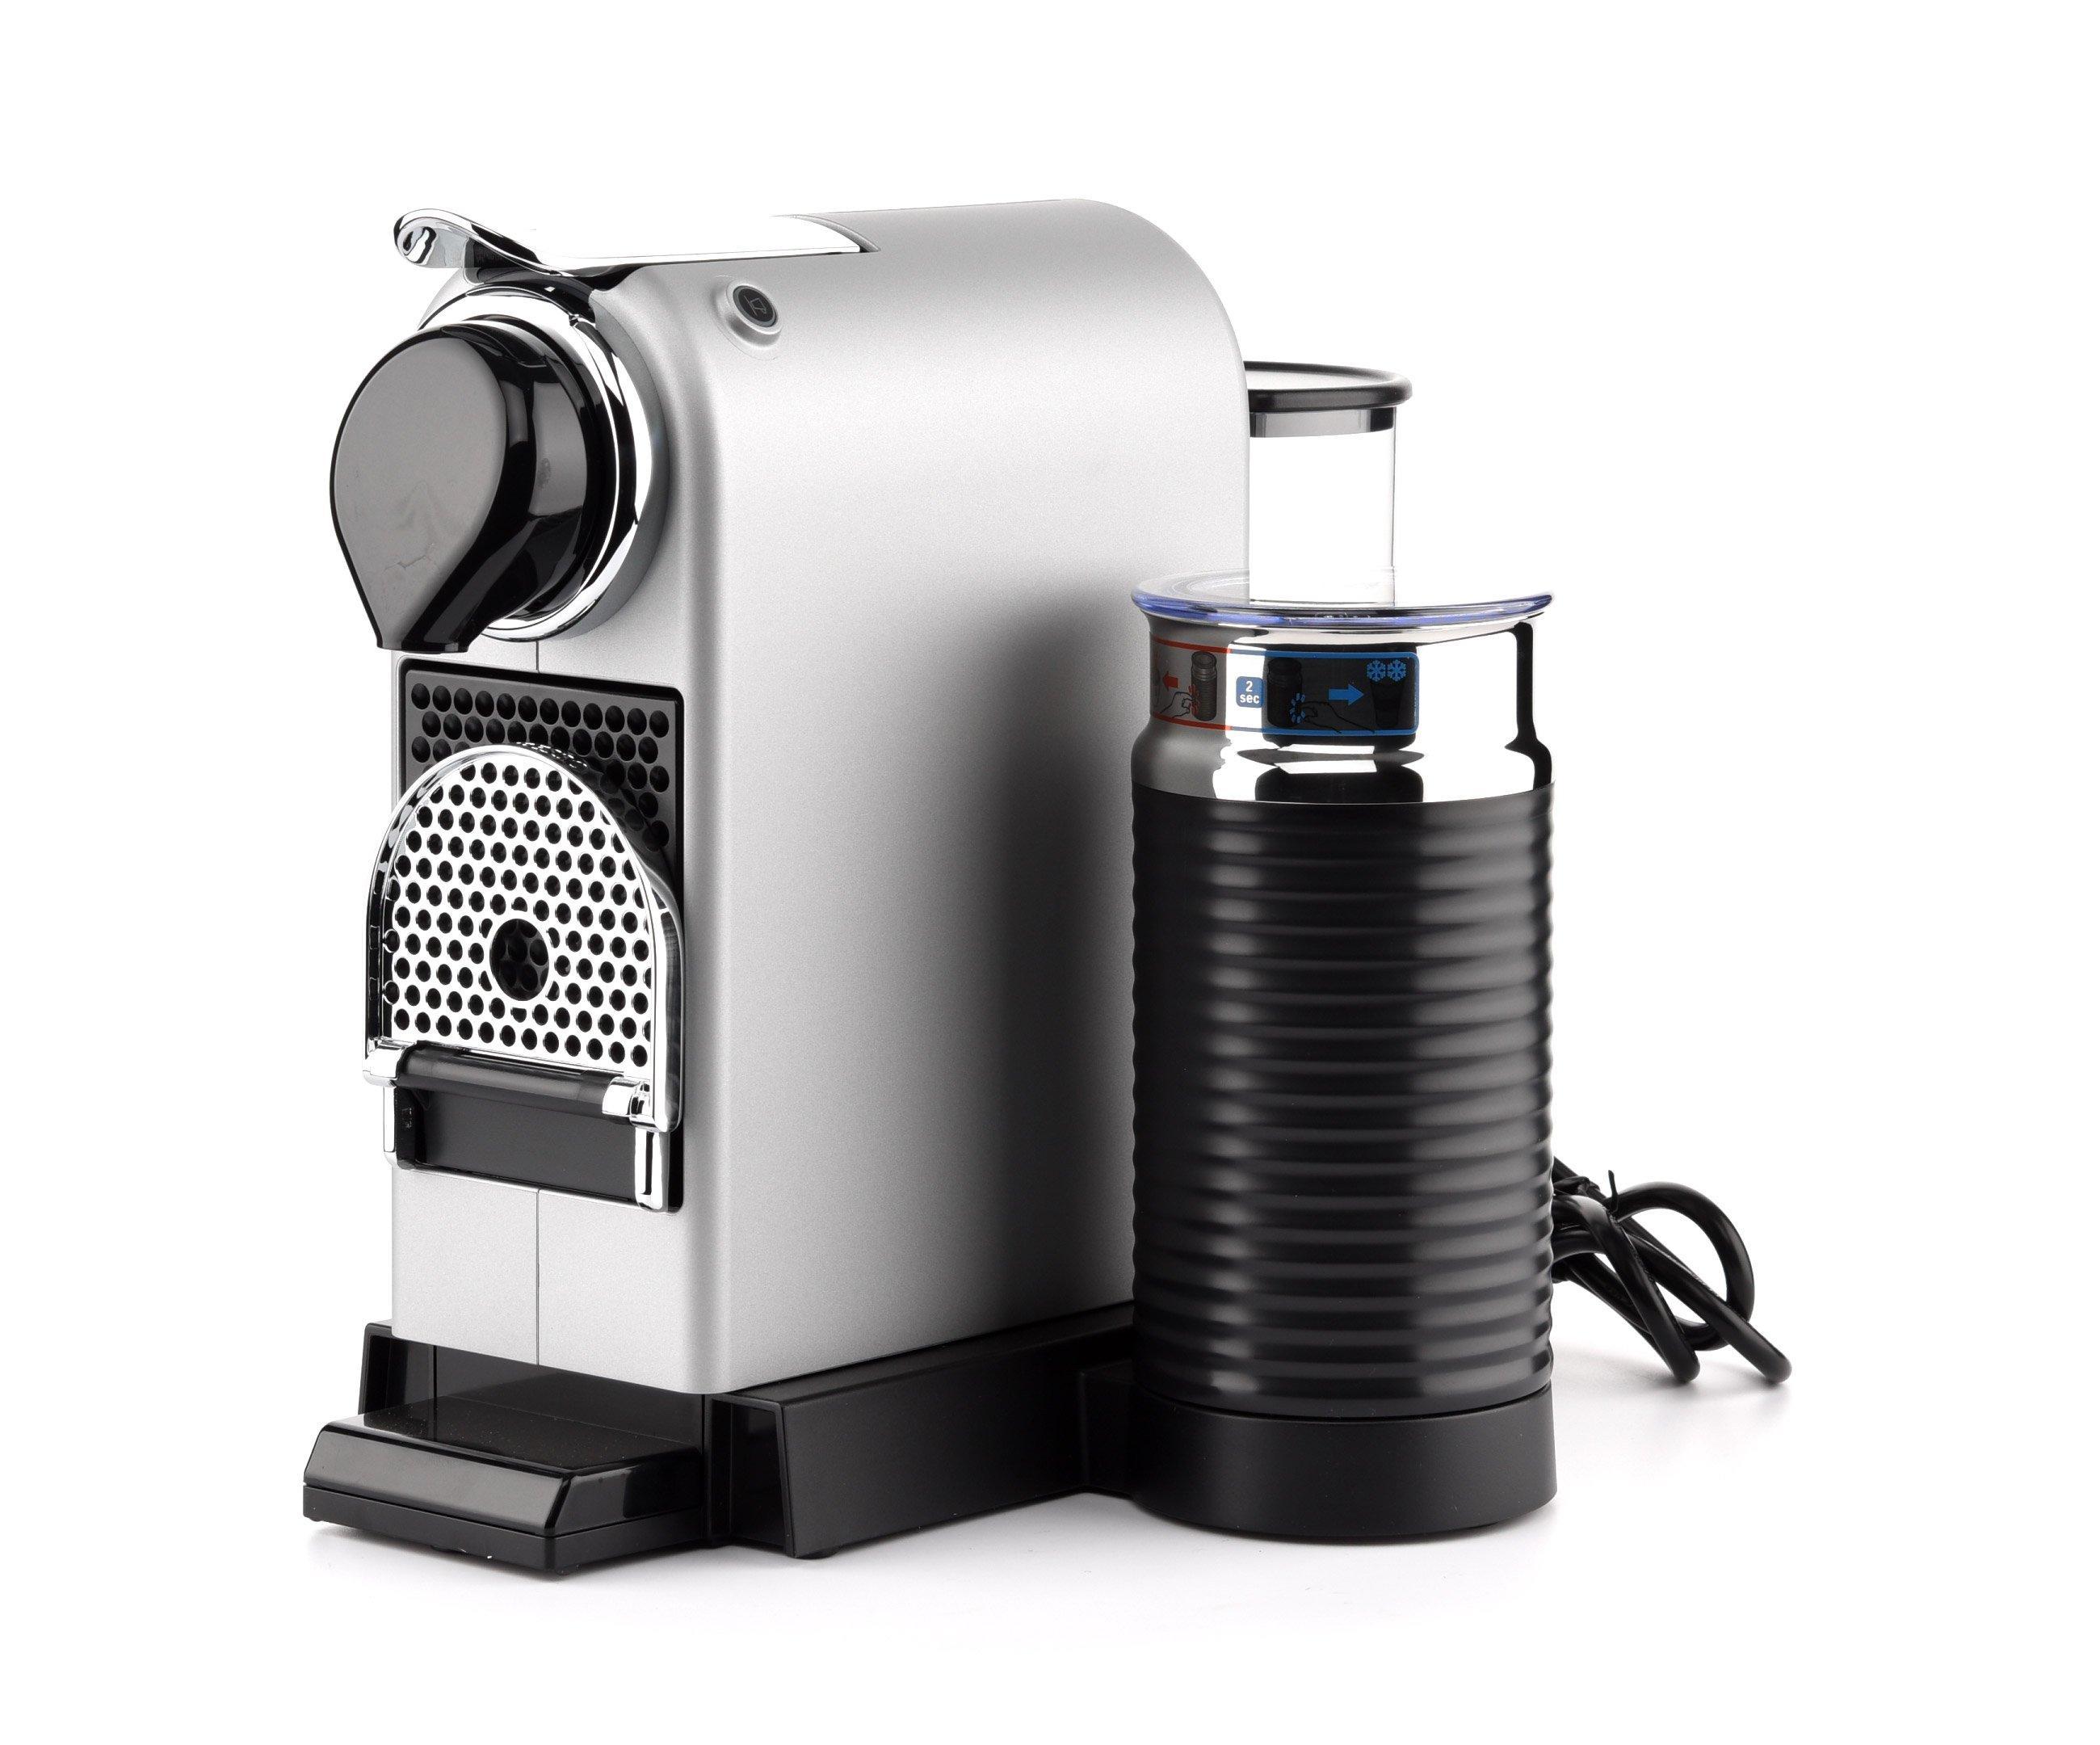 تدمير جزء كبد ماكينة قهوة مع حليب 14thbrooklyn Org